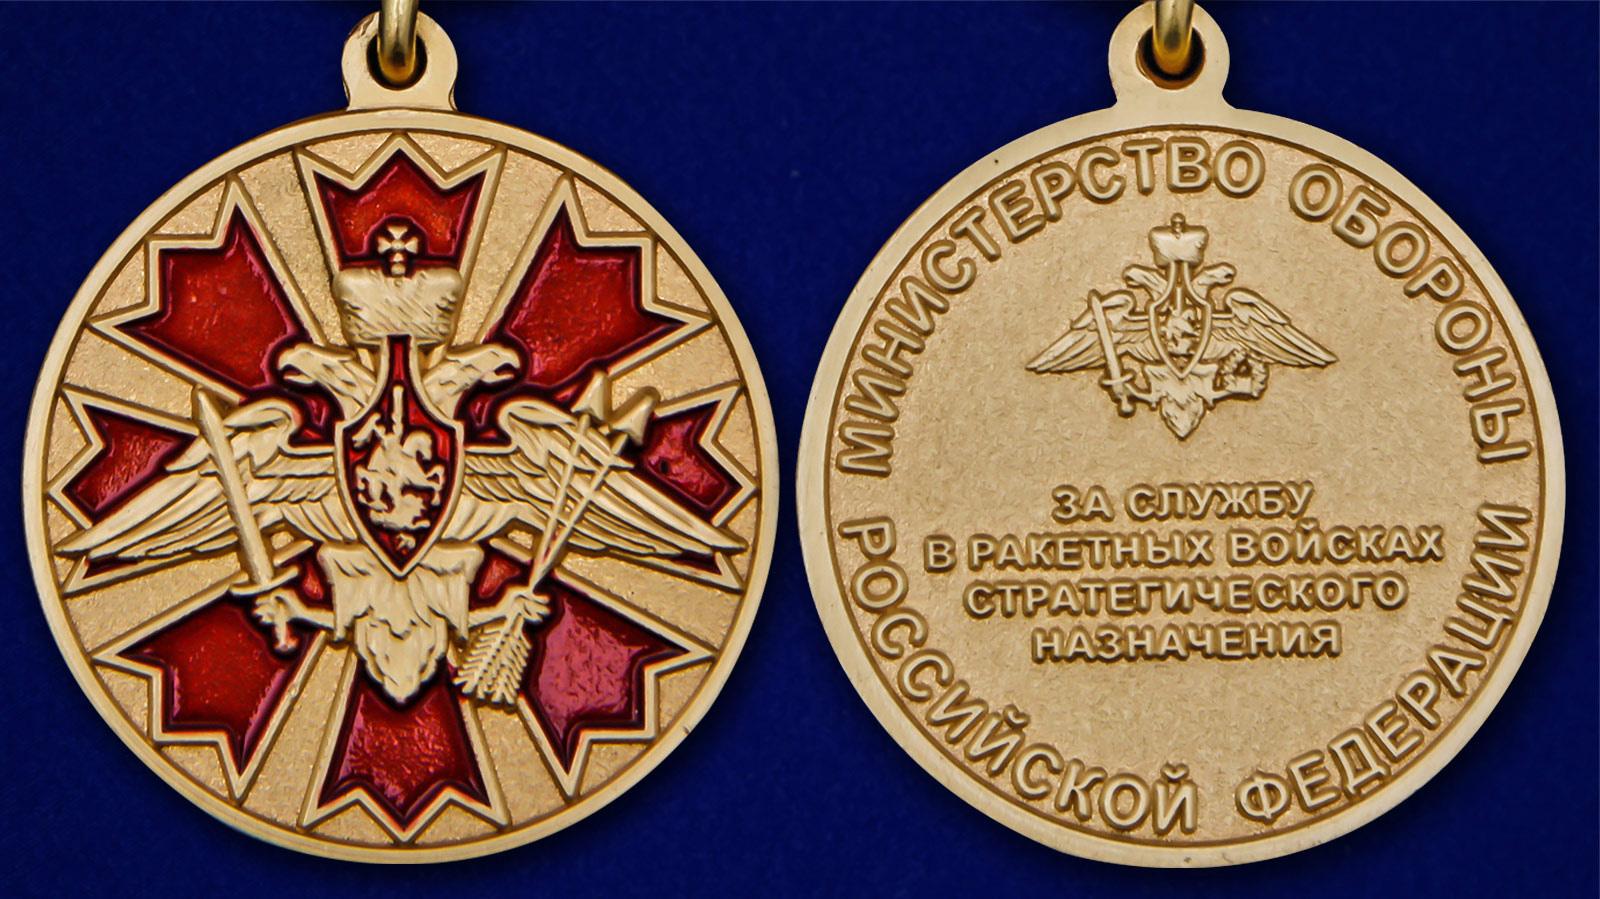 """Медаль """"За службу в Ракетных войсках стратегического назначения"""" - аверс и реверс"""